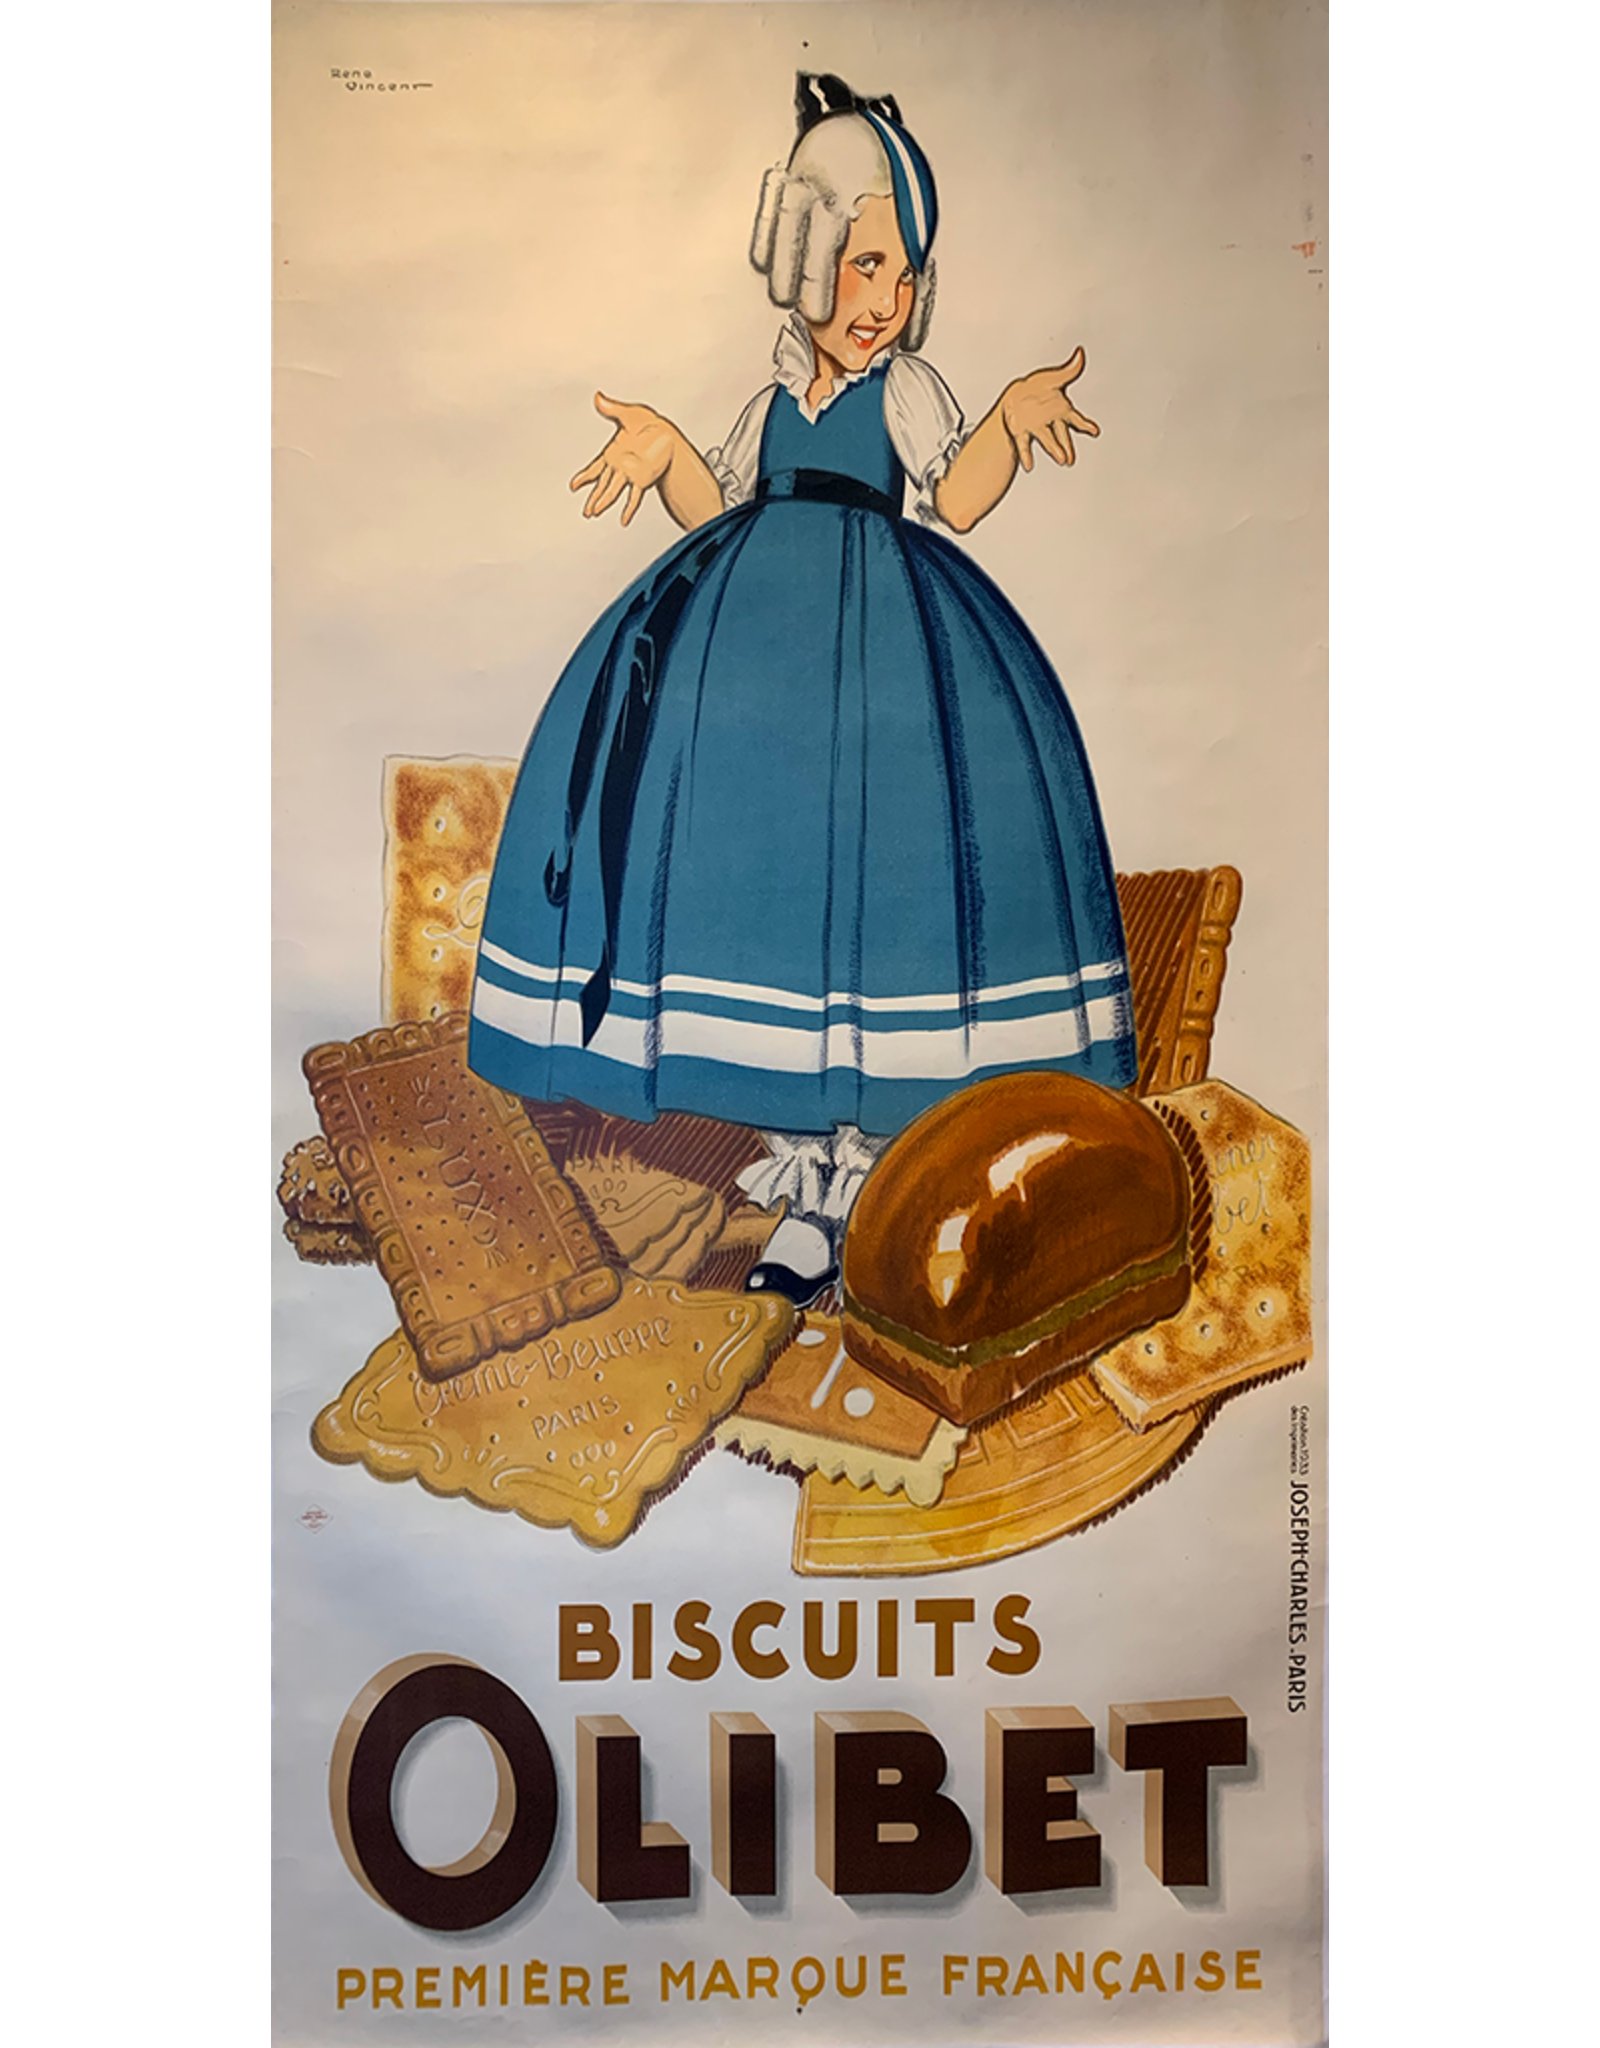 SPV Olibet Biscuits